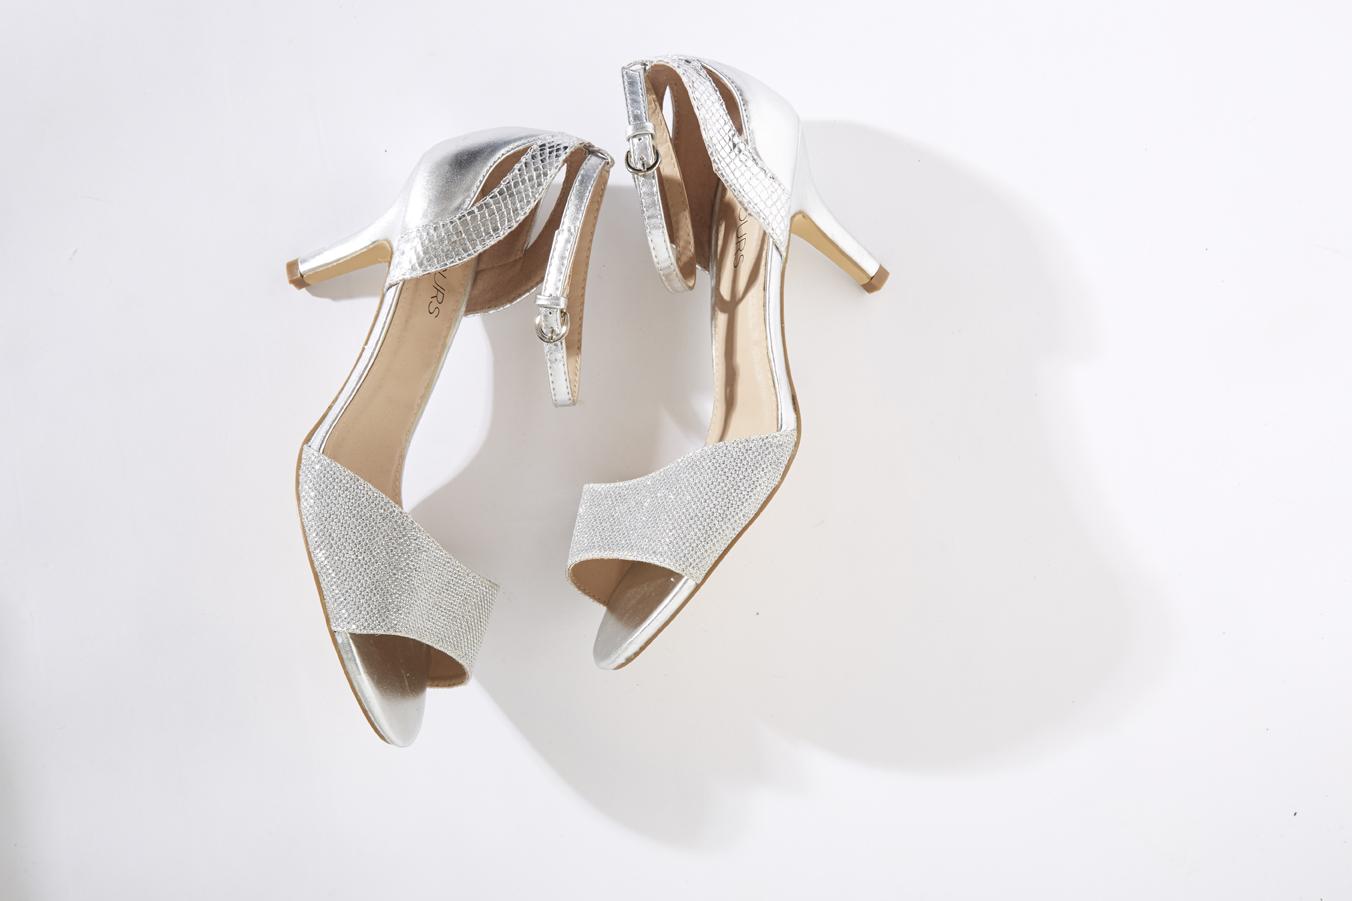 Shoe12_001.jpg